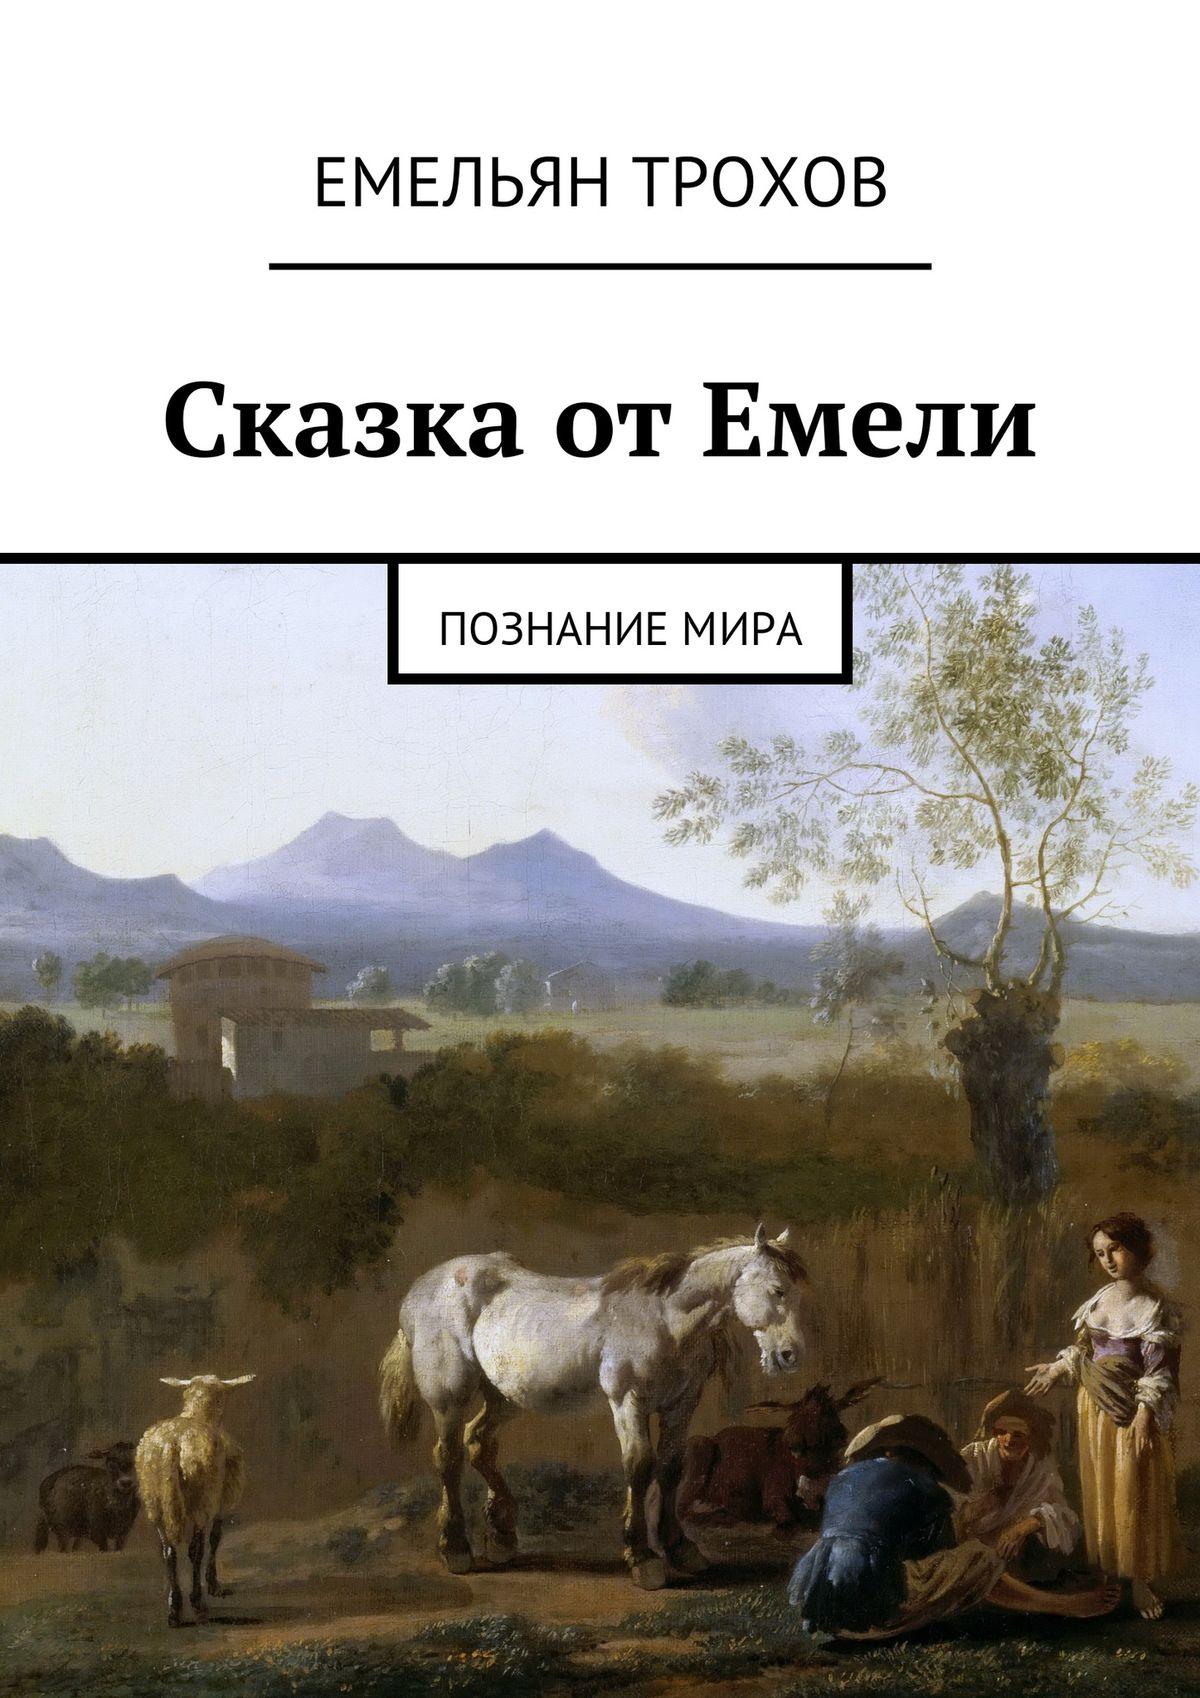 Емельян Трохов «Сказка отЕмели. Познаниемира»